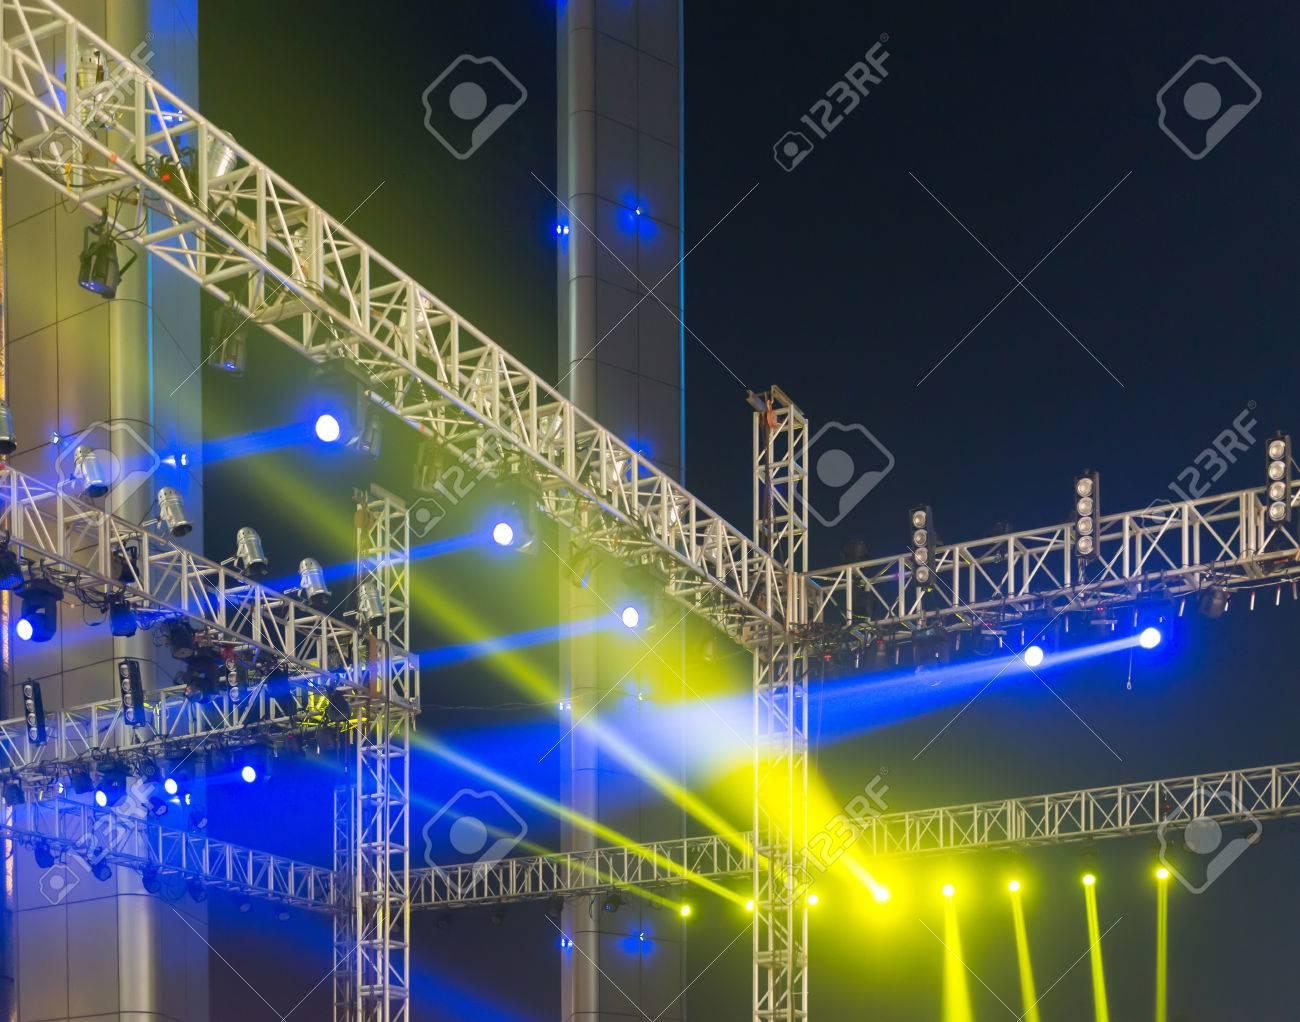 Più riflettori su un impianto di illuminazione per palcoscenici